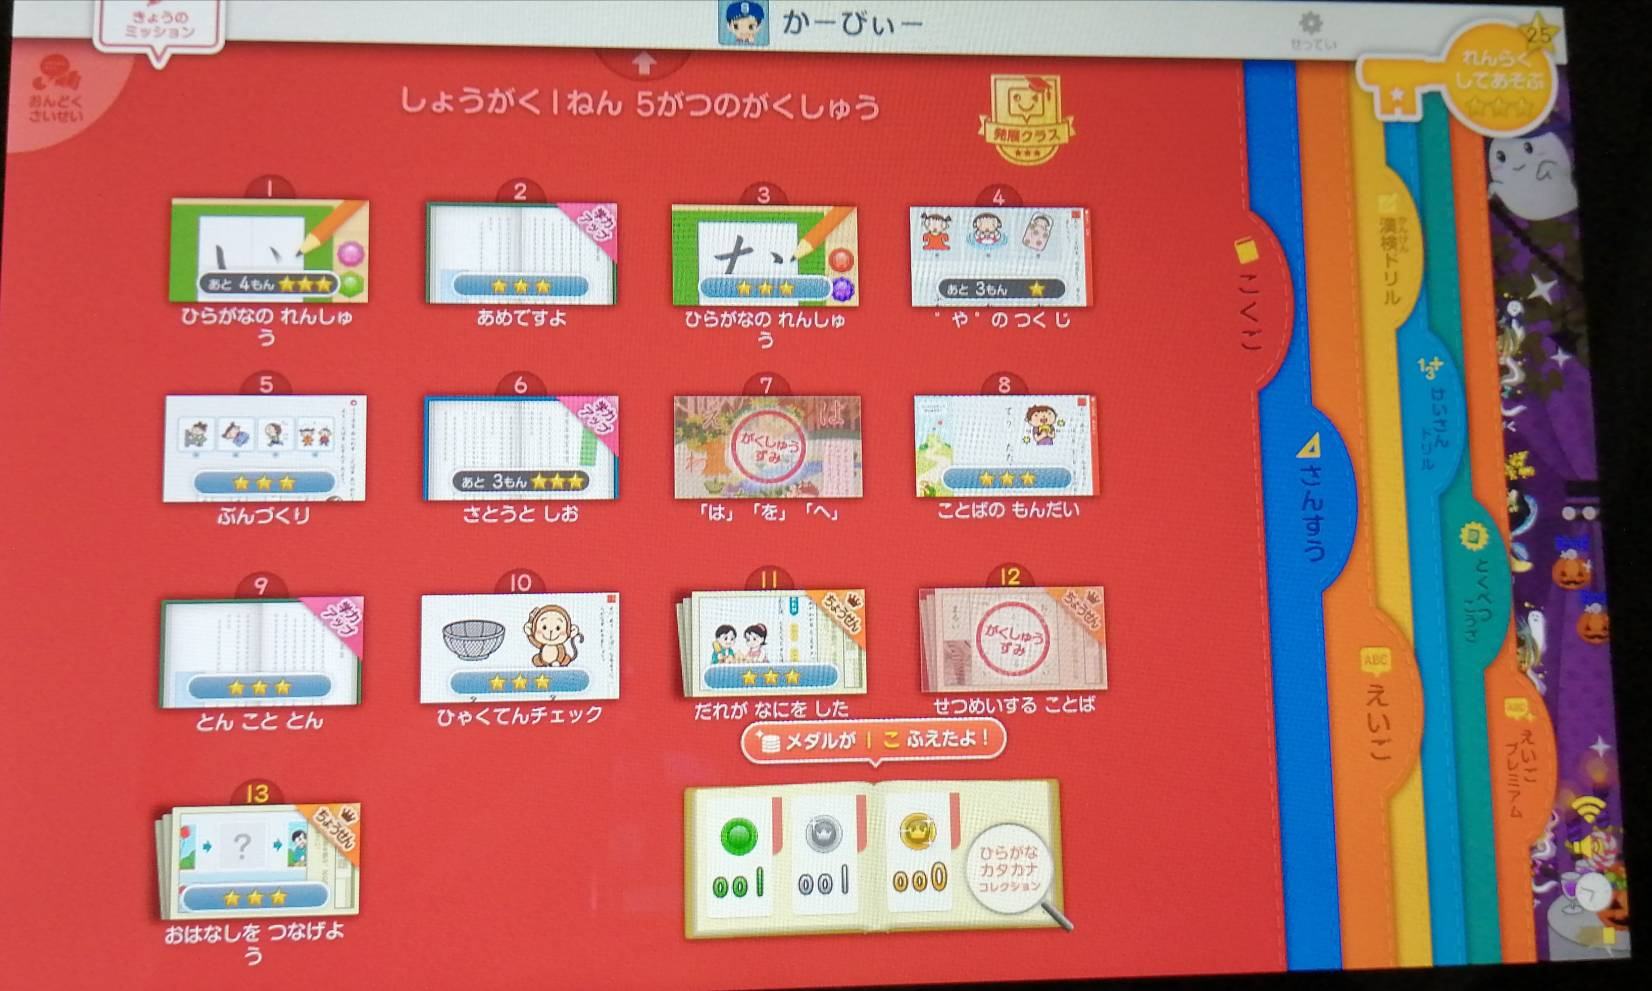 スマイルゼミ小学一年生の4月号の国語の学習リスト